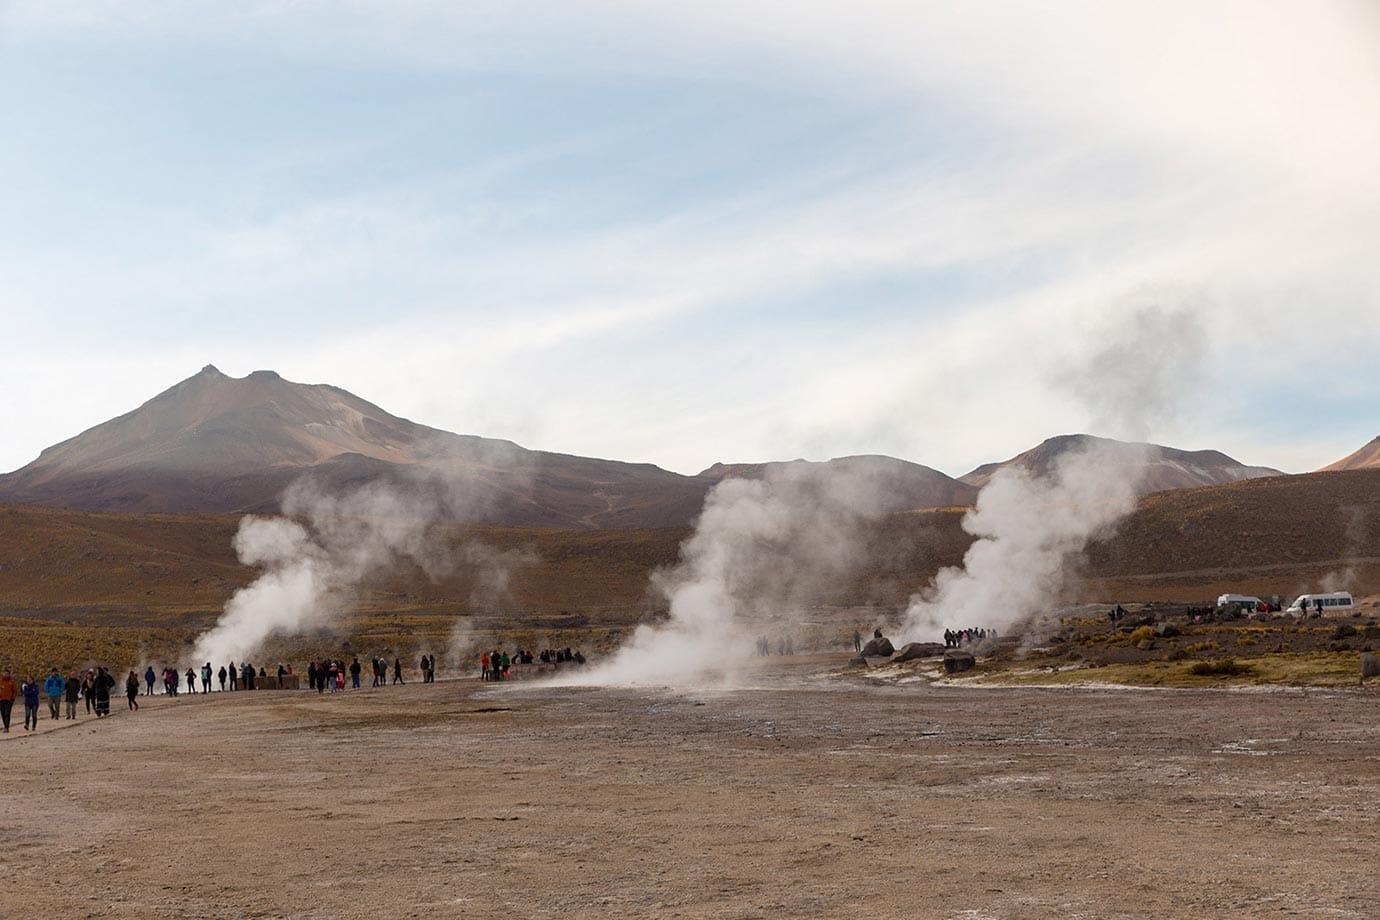 El Tatio geyser field, Chile